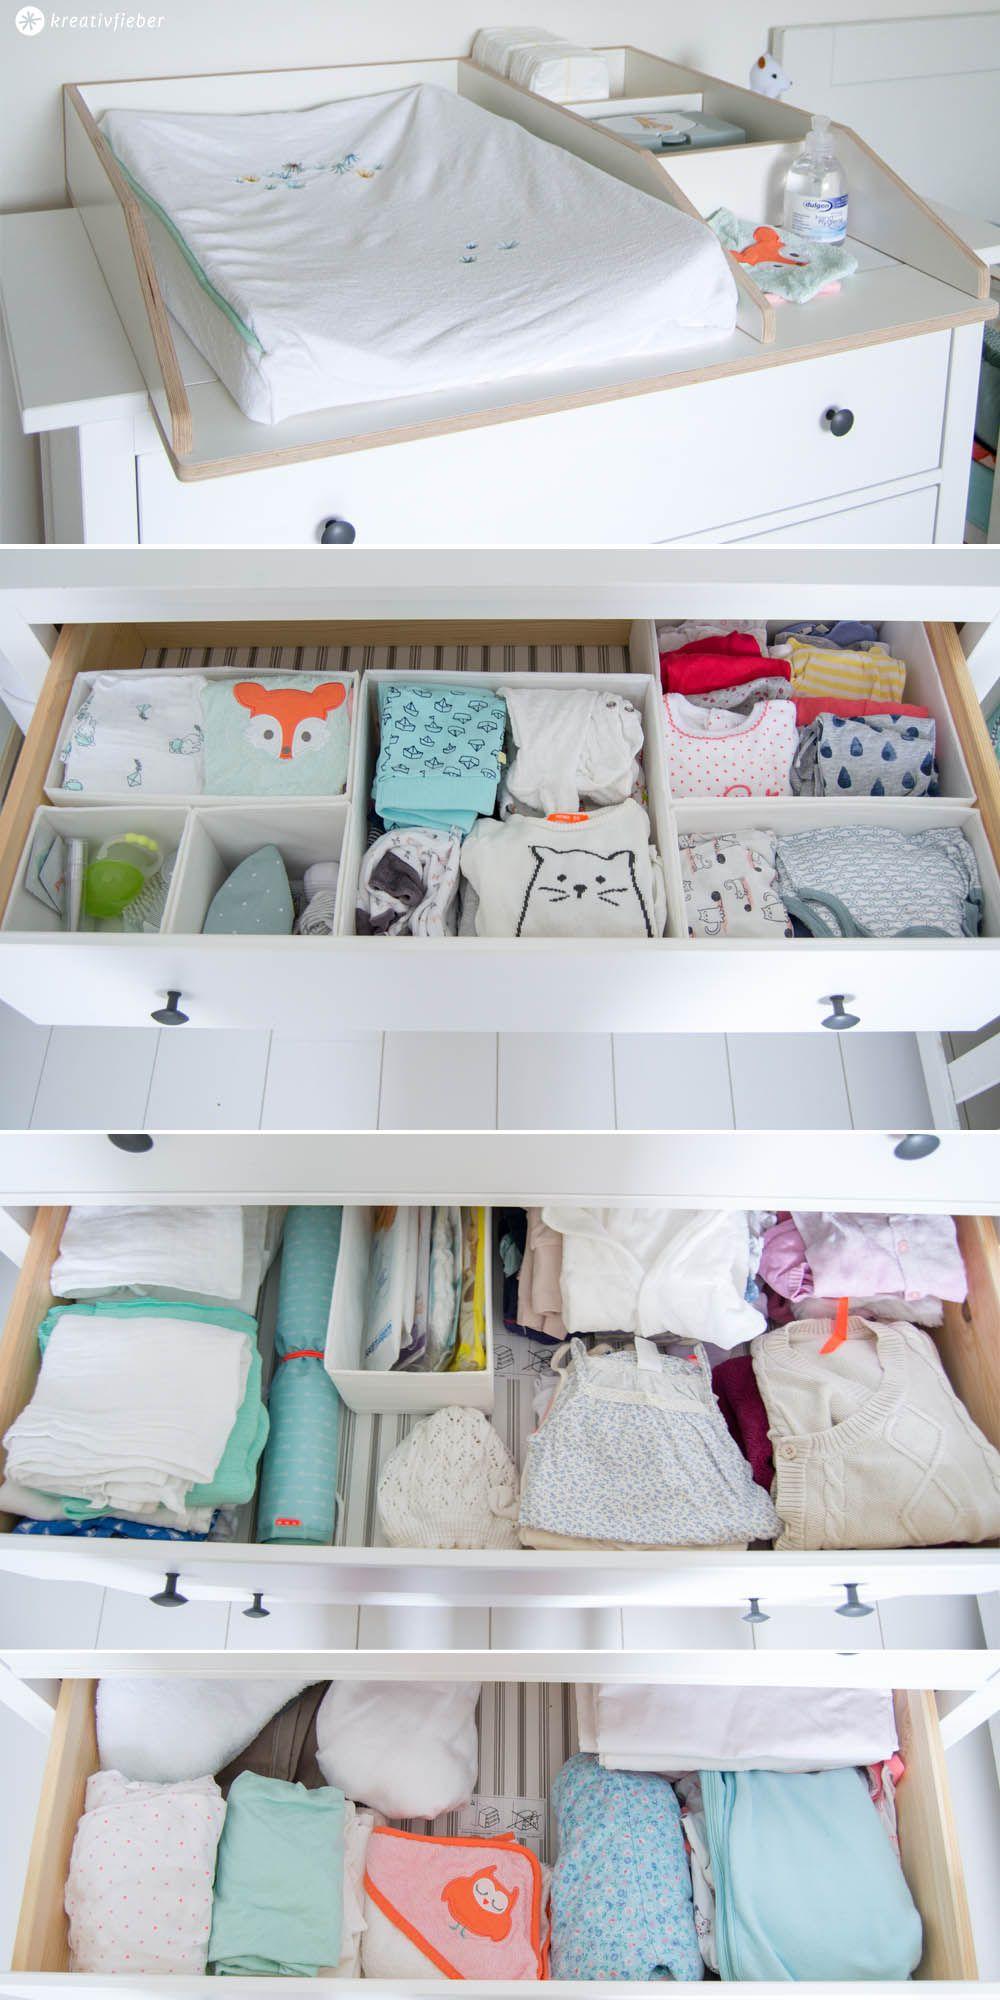 Maikes Haustour - multifunktionales Babyzimmer einrichten ...